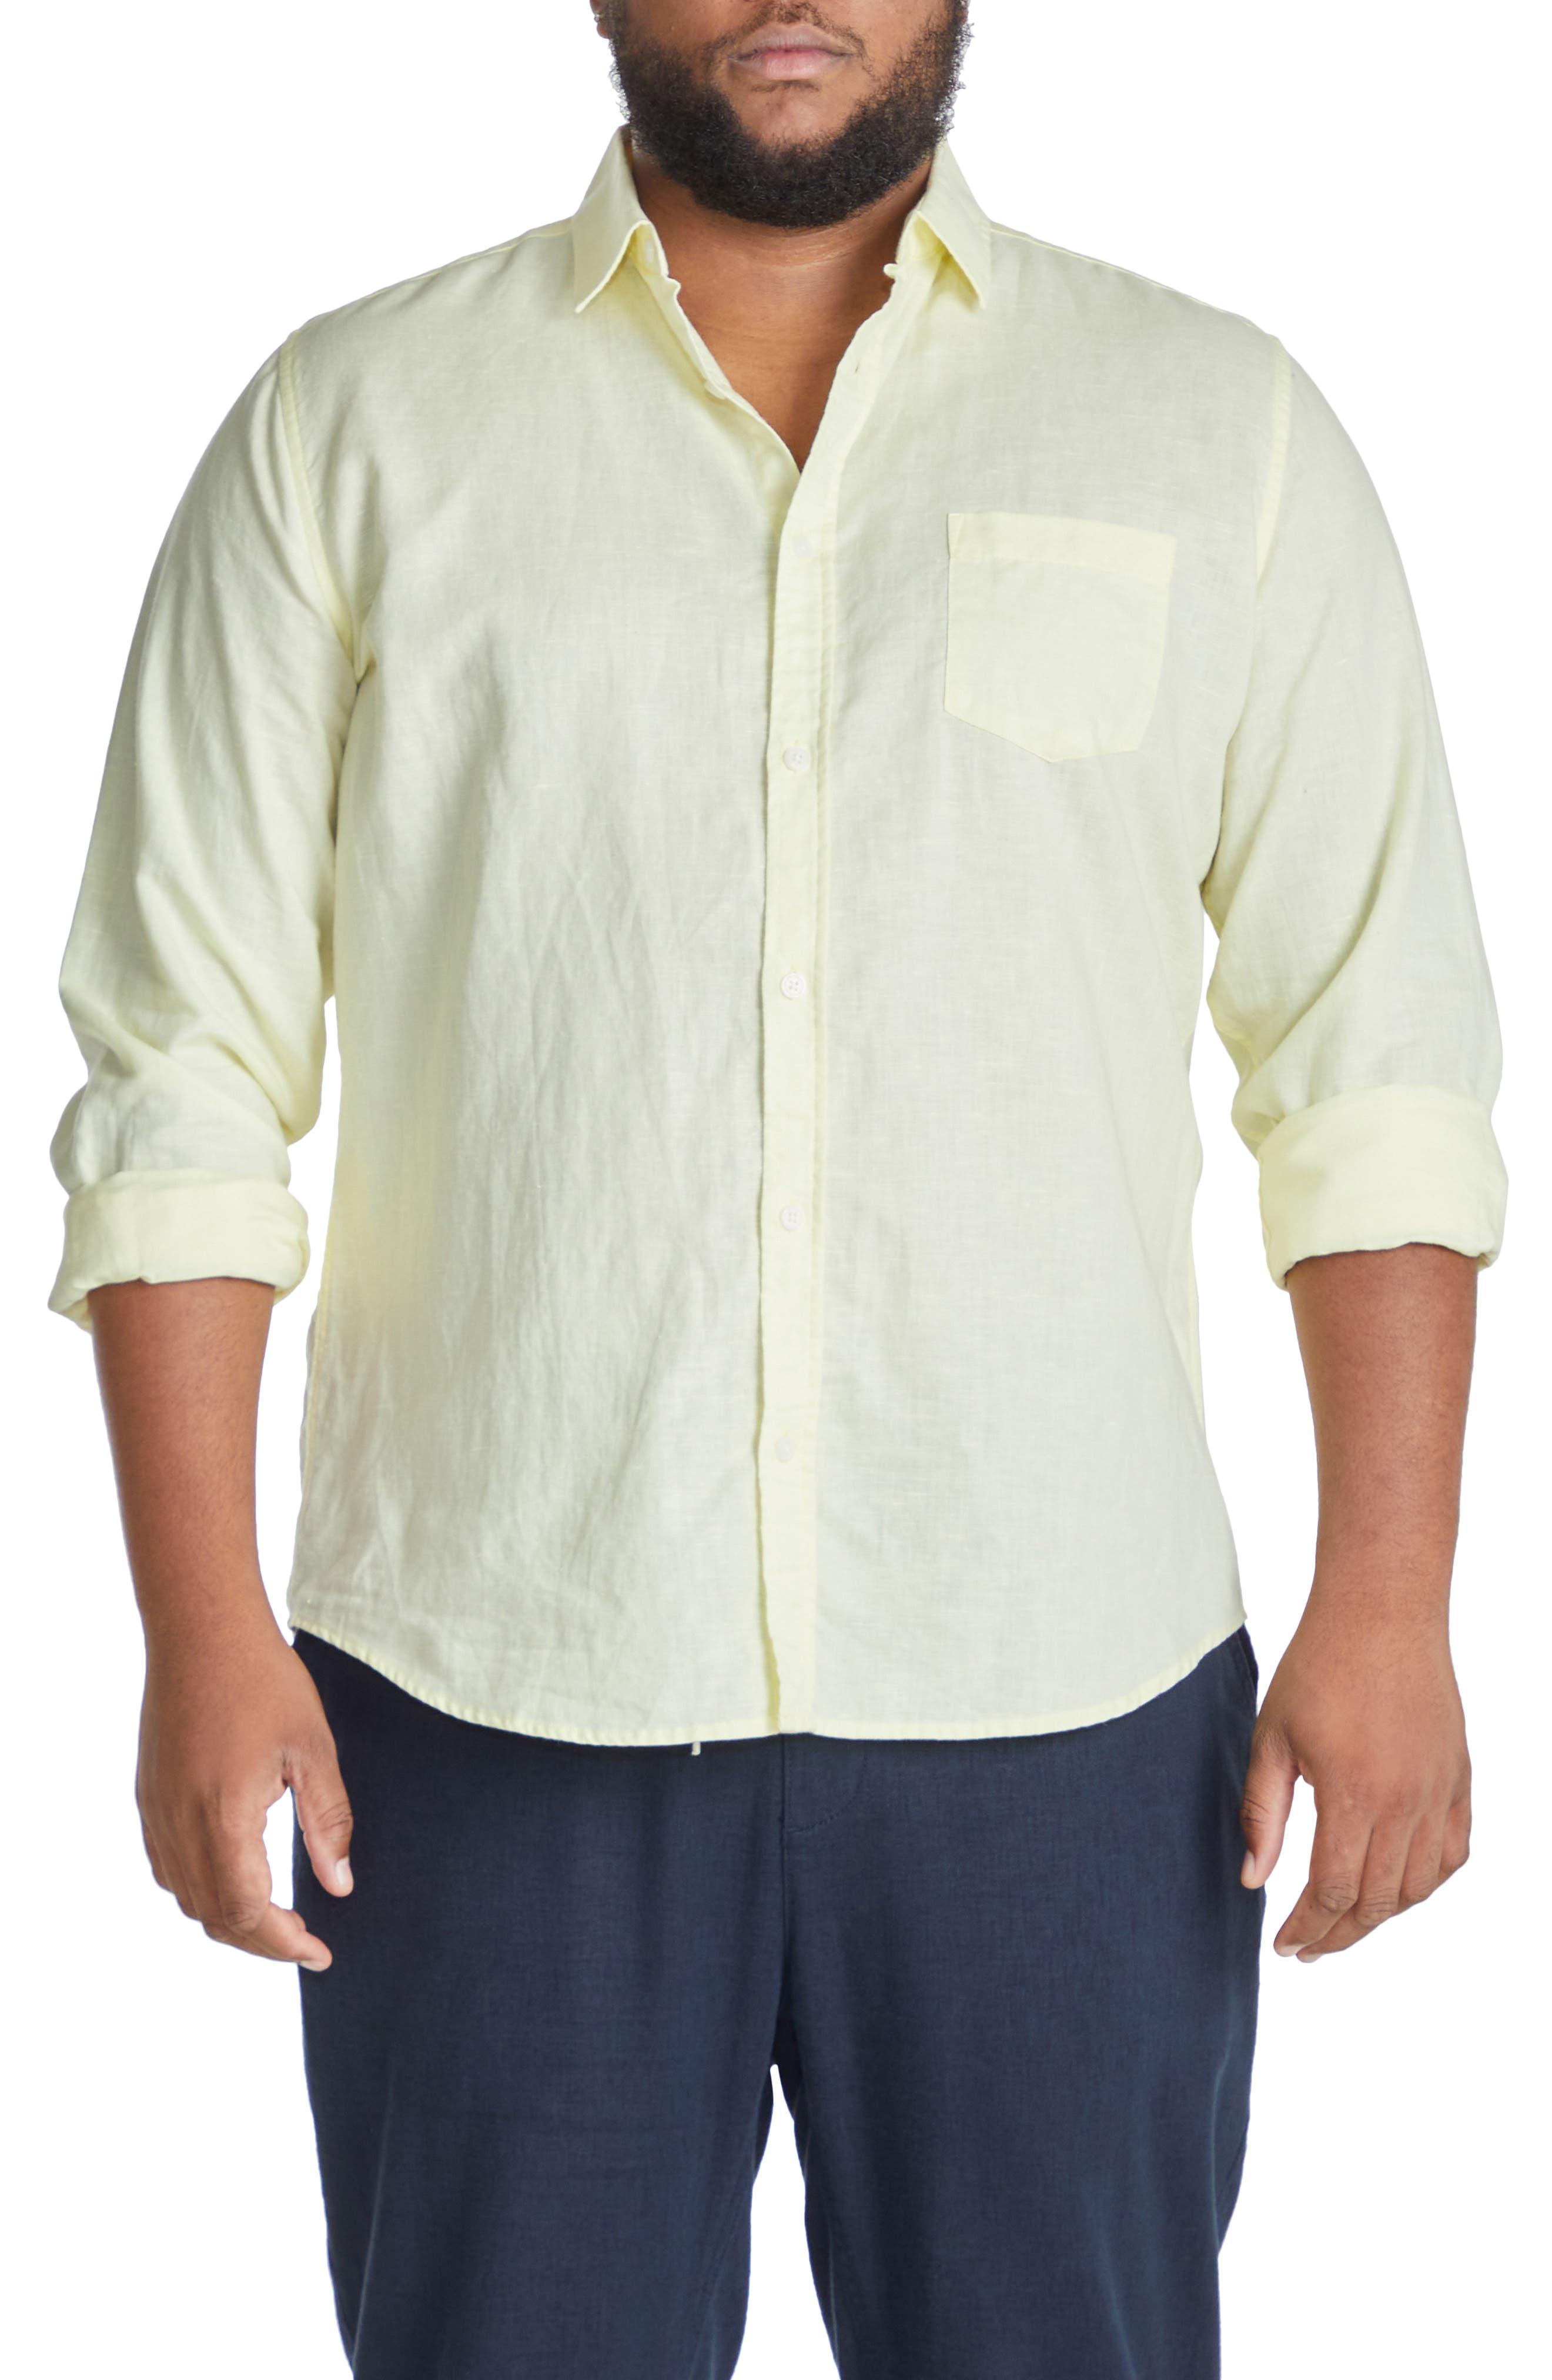 Relaxed Fit Linen Blend Button-Up Shirt